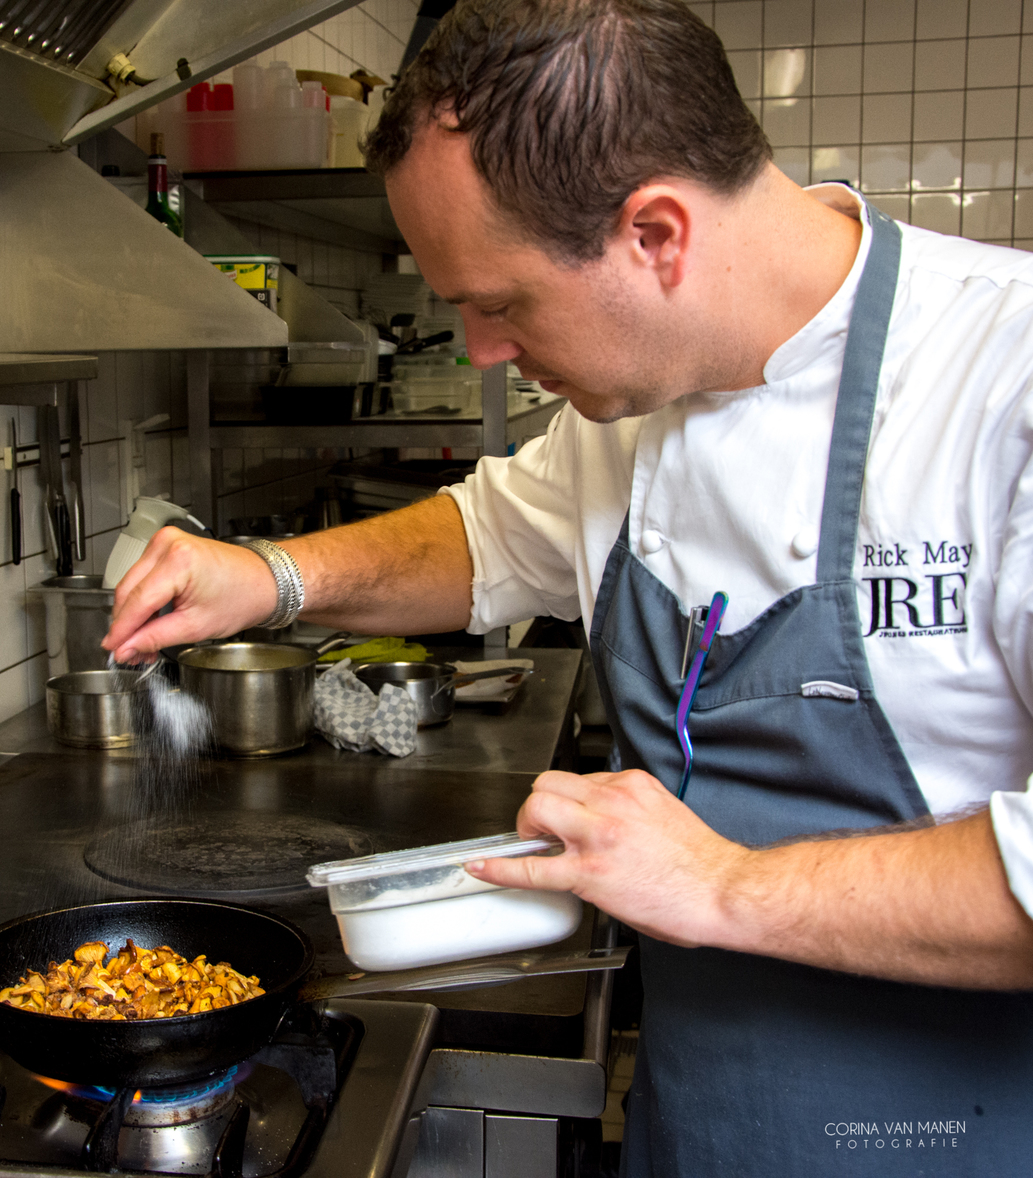 Fris Haarlem, Rick May, Food love stories.nl, foodlovestories